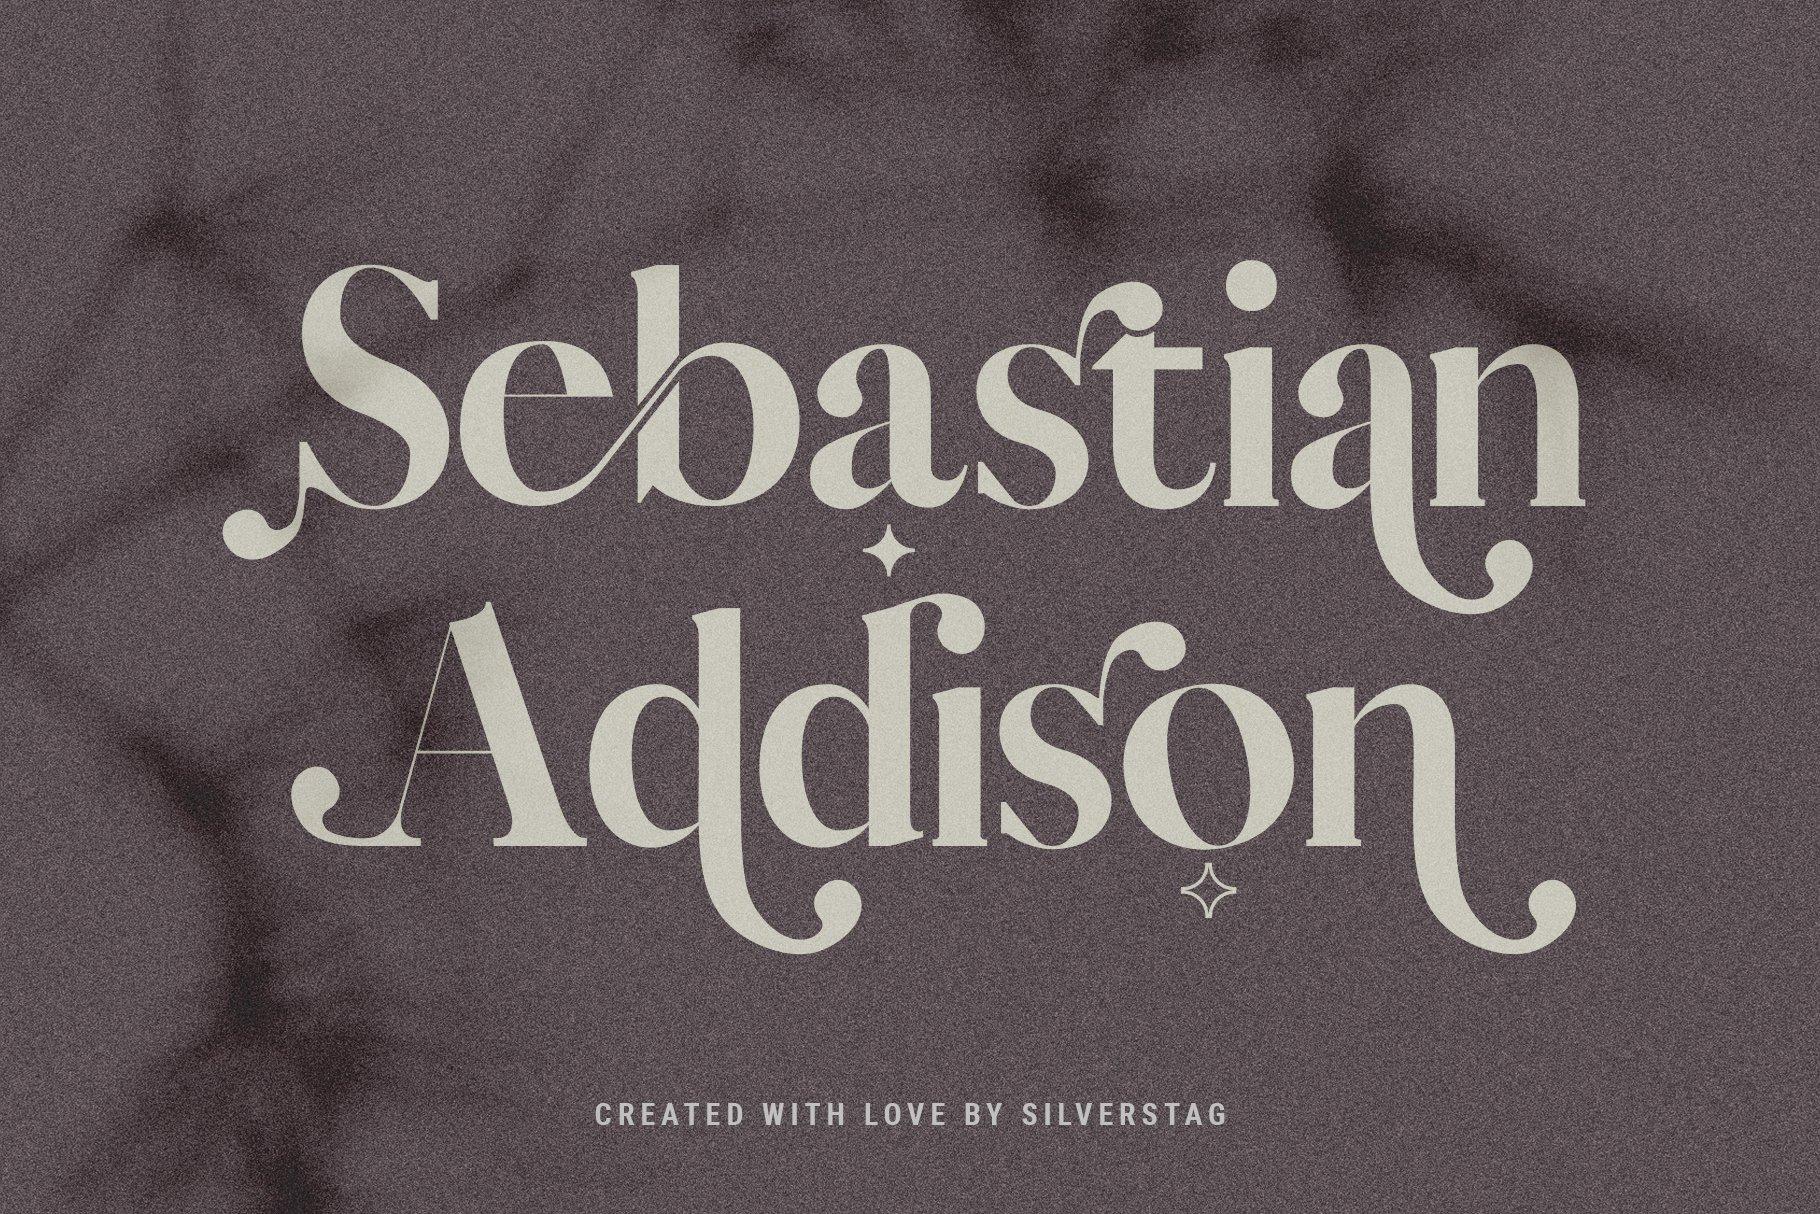 Vicky Christina - Chic & Stylish Ligature Serif Font example image 10